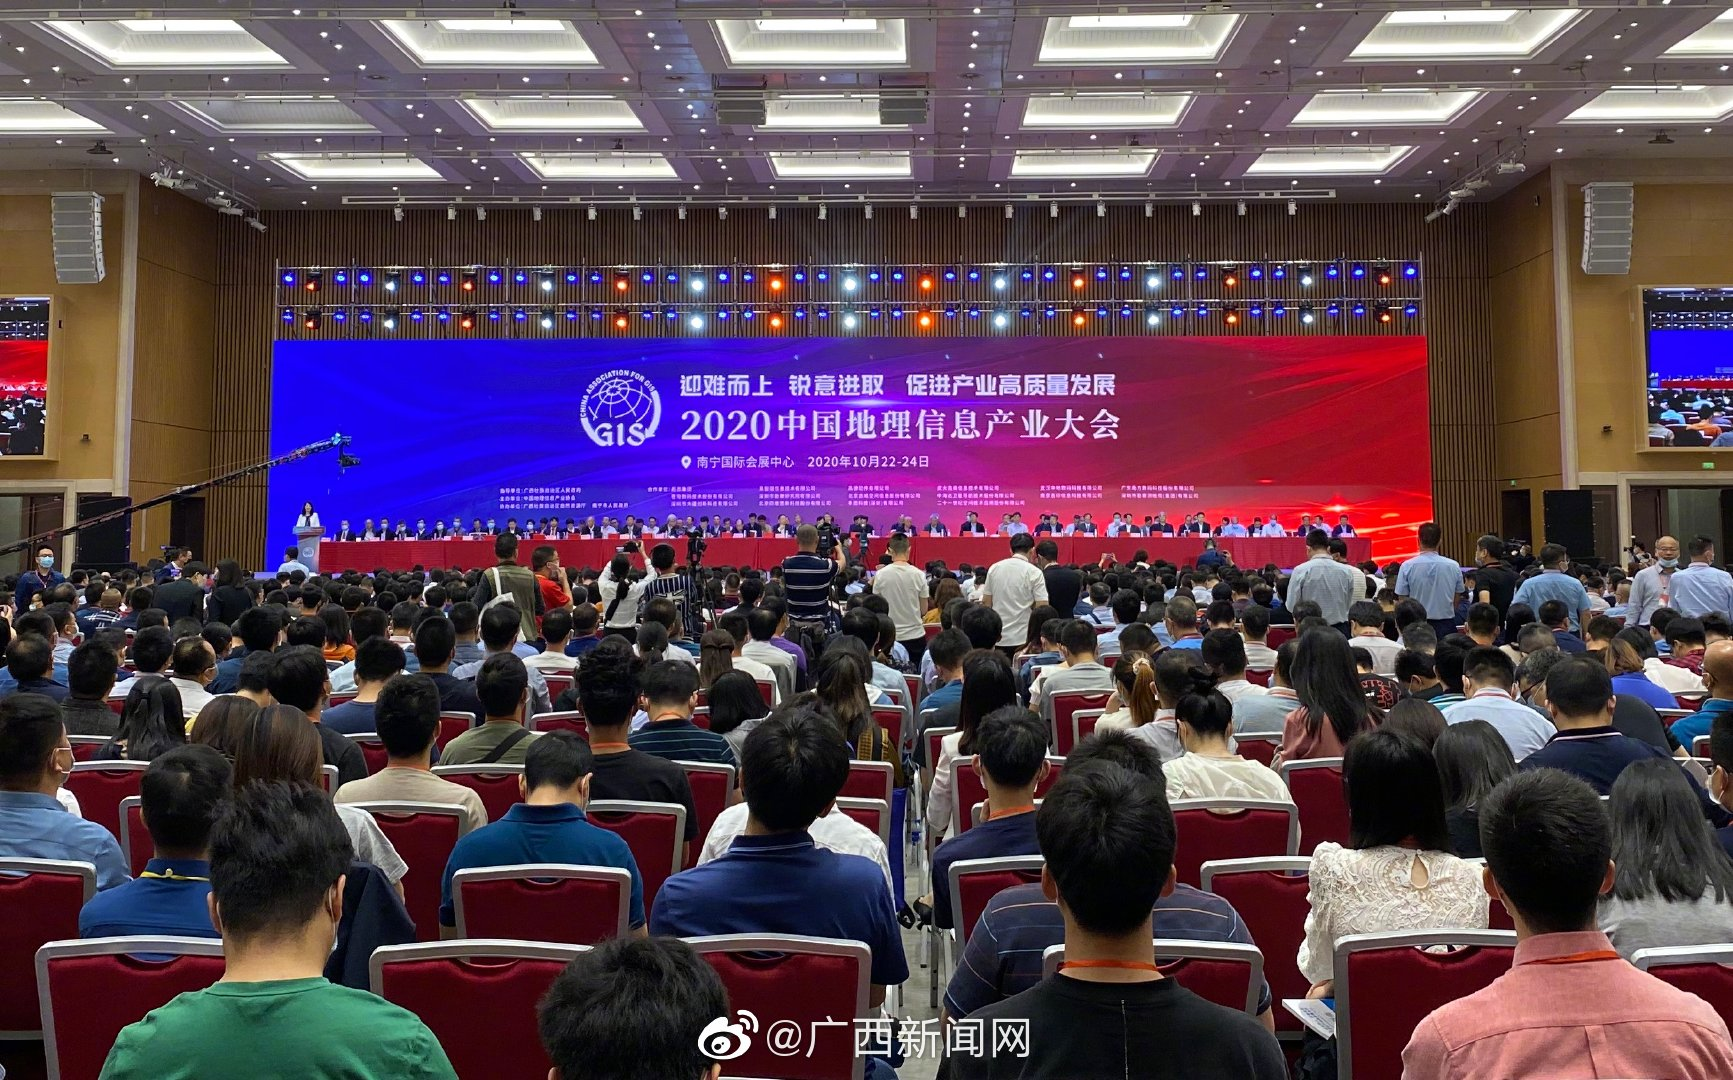 2020中国地理信息产业大会在南宁召开